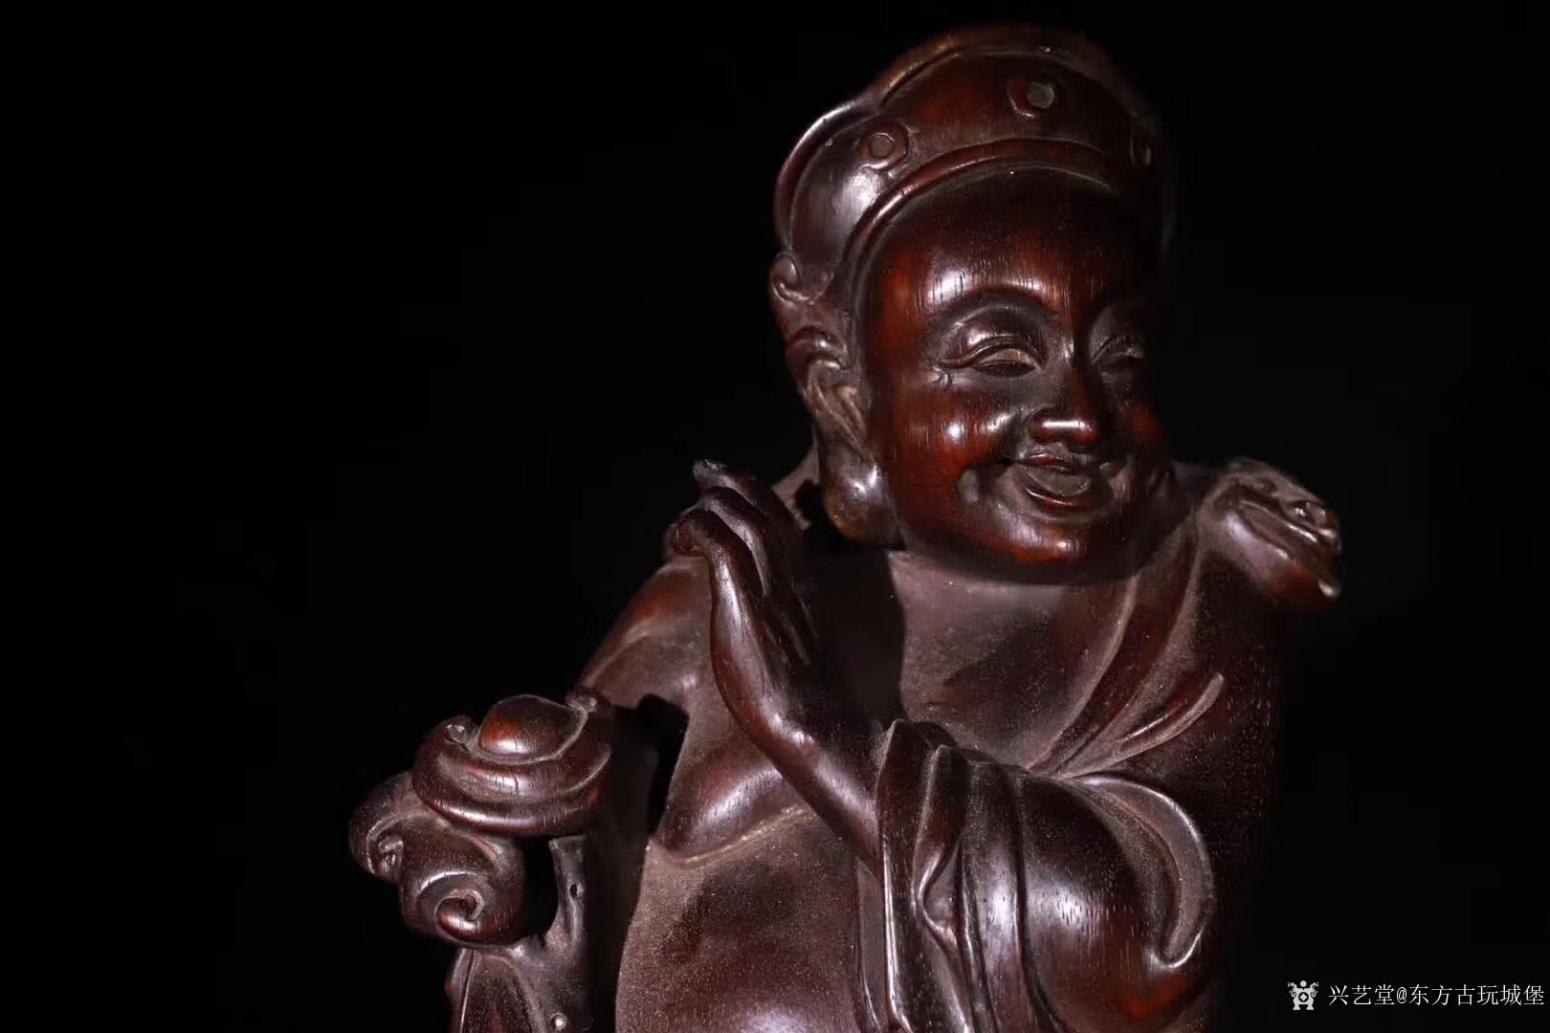 东方古玩城堡雕刻作品《紫檀木刘海戏金蟾》【图1】